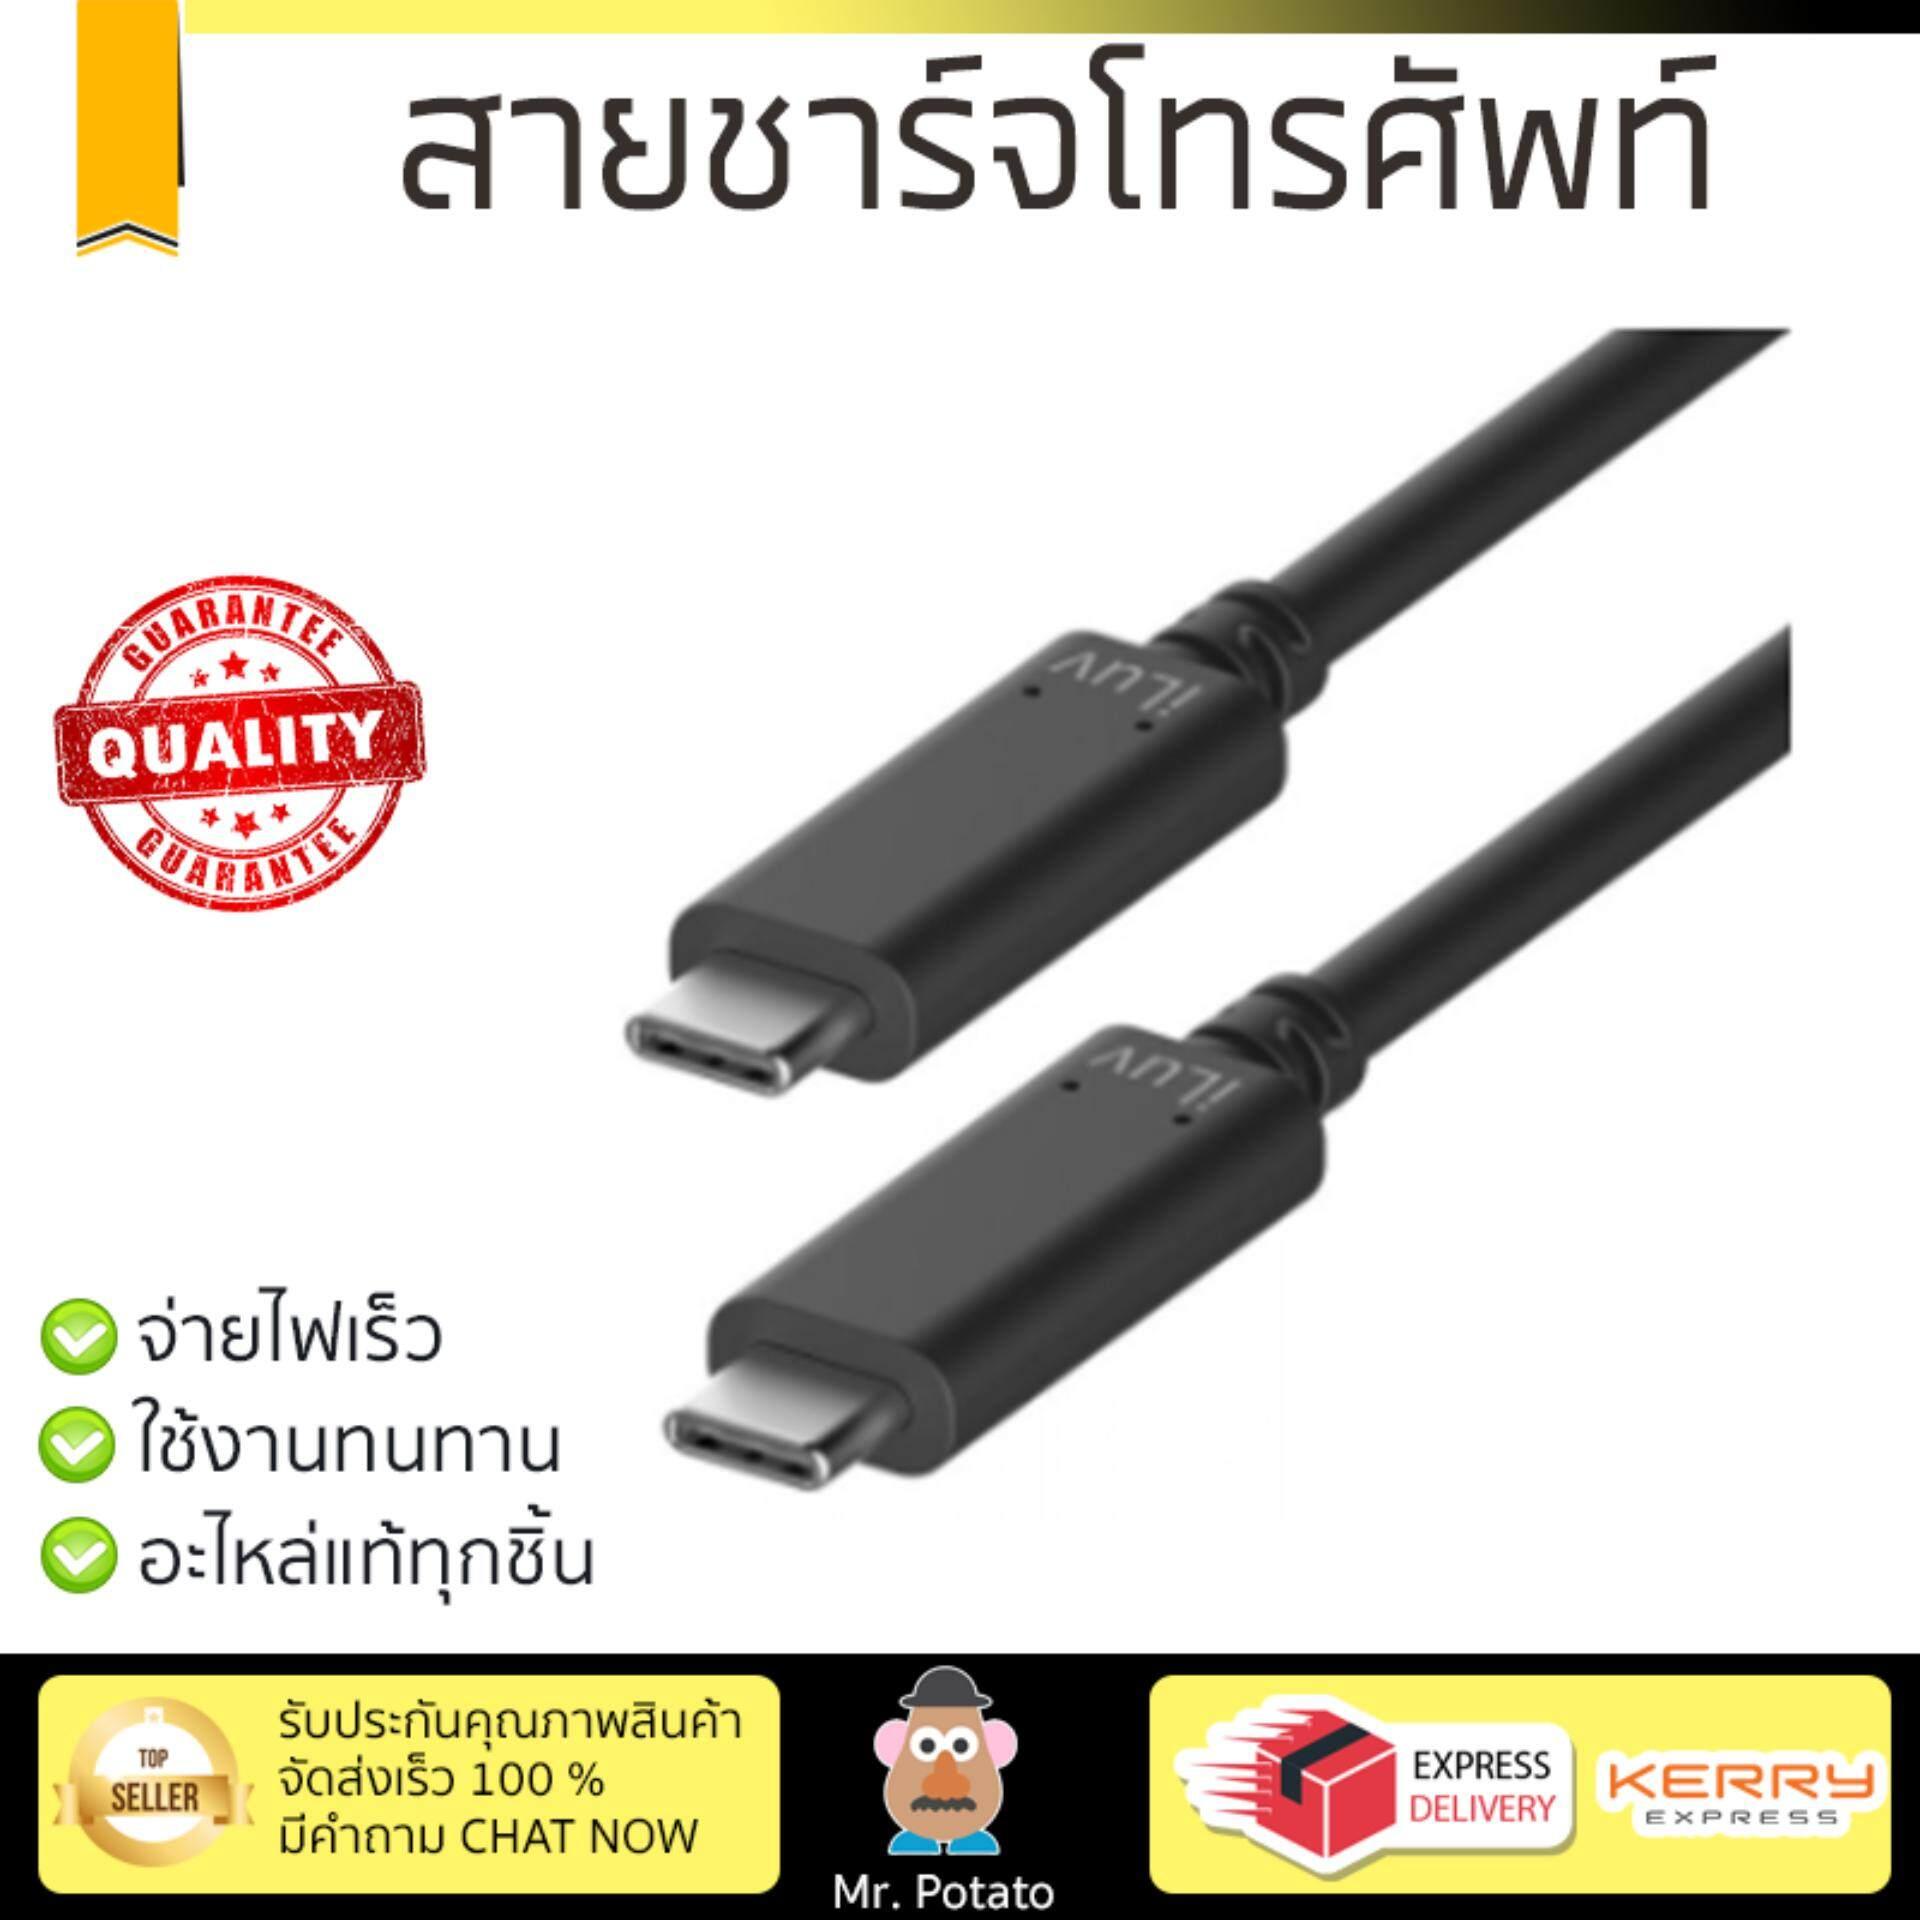 เก็บเงินปลายทางได้ ราคาพิเศษ รุ่นยอดนิยม สายชาร์จโทรศัพท์ iLuv USB-C to USB-C Cable Certified 3.1 Gen 2 สายชาร์จทนทาน แข็งแรง จ่ายไฟเร็ว Mobile Cable จัดส่งฟรี Kerry ทั่วประเทศ